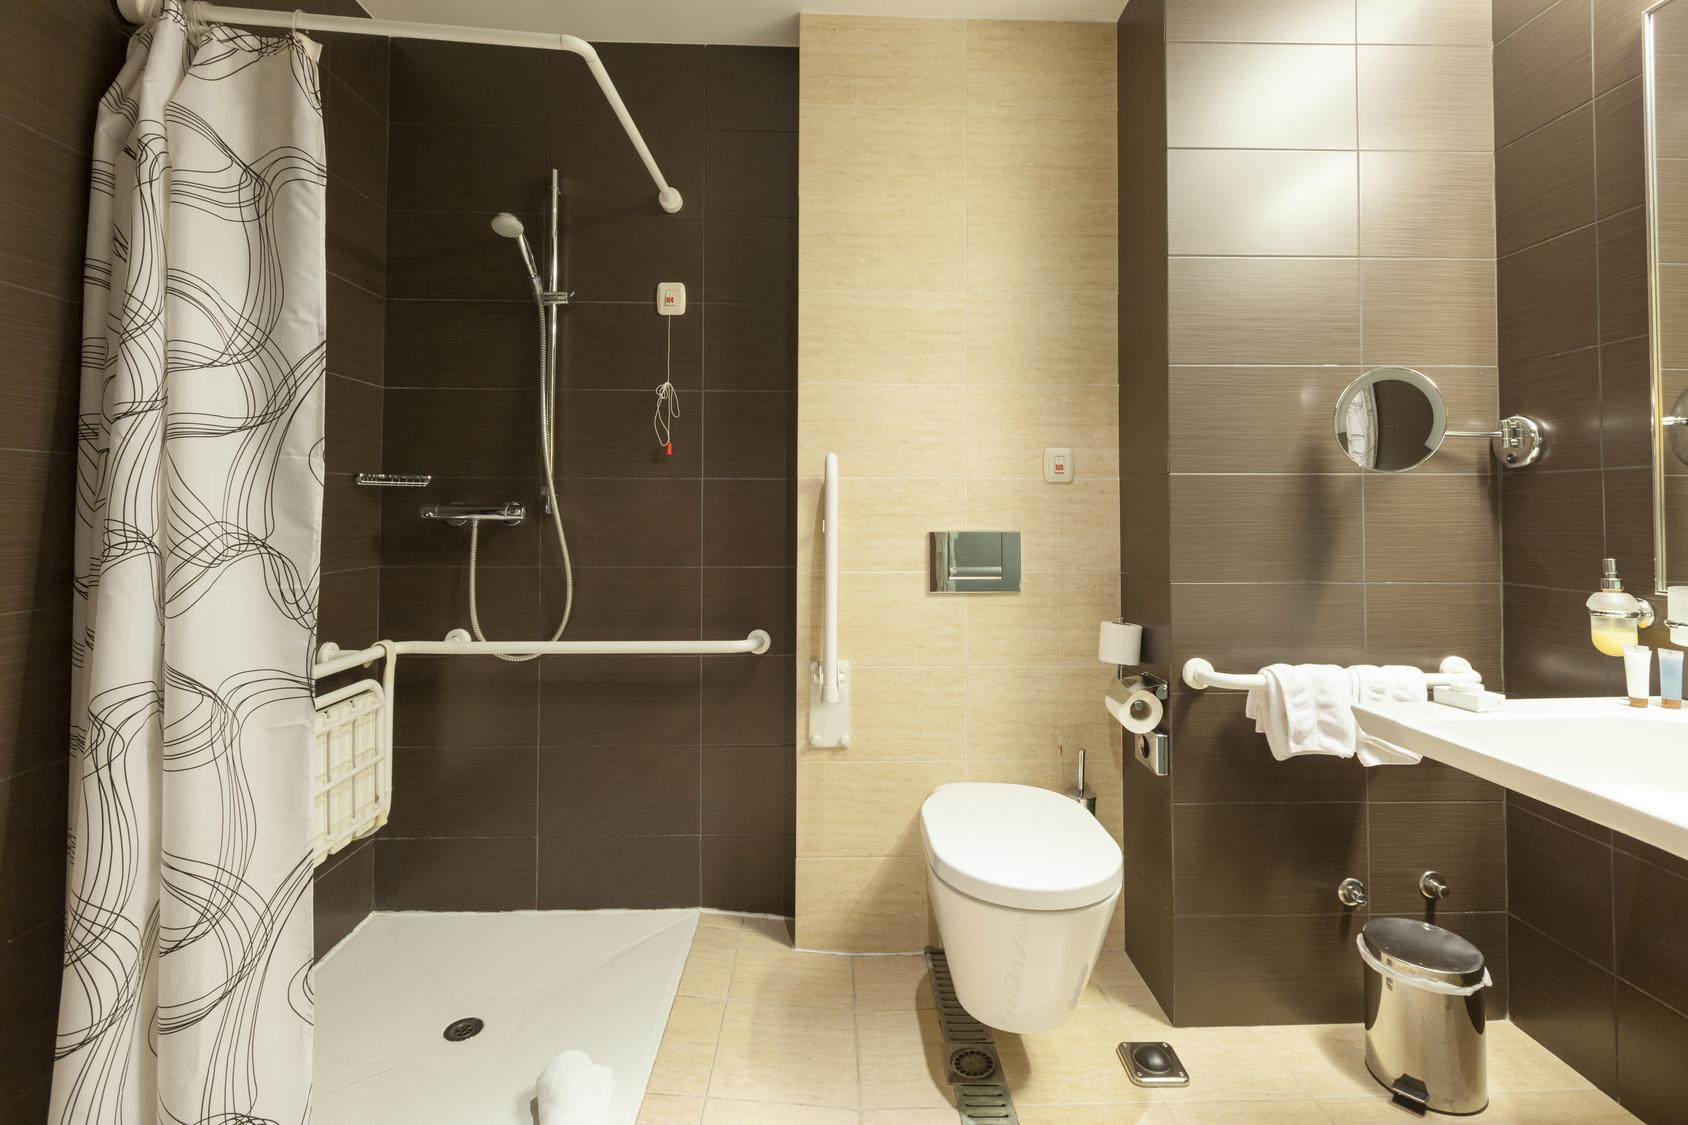 Handicap nos conseils pour am nager votre logement - Amenager badkamer ...